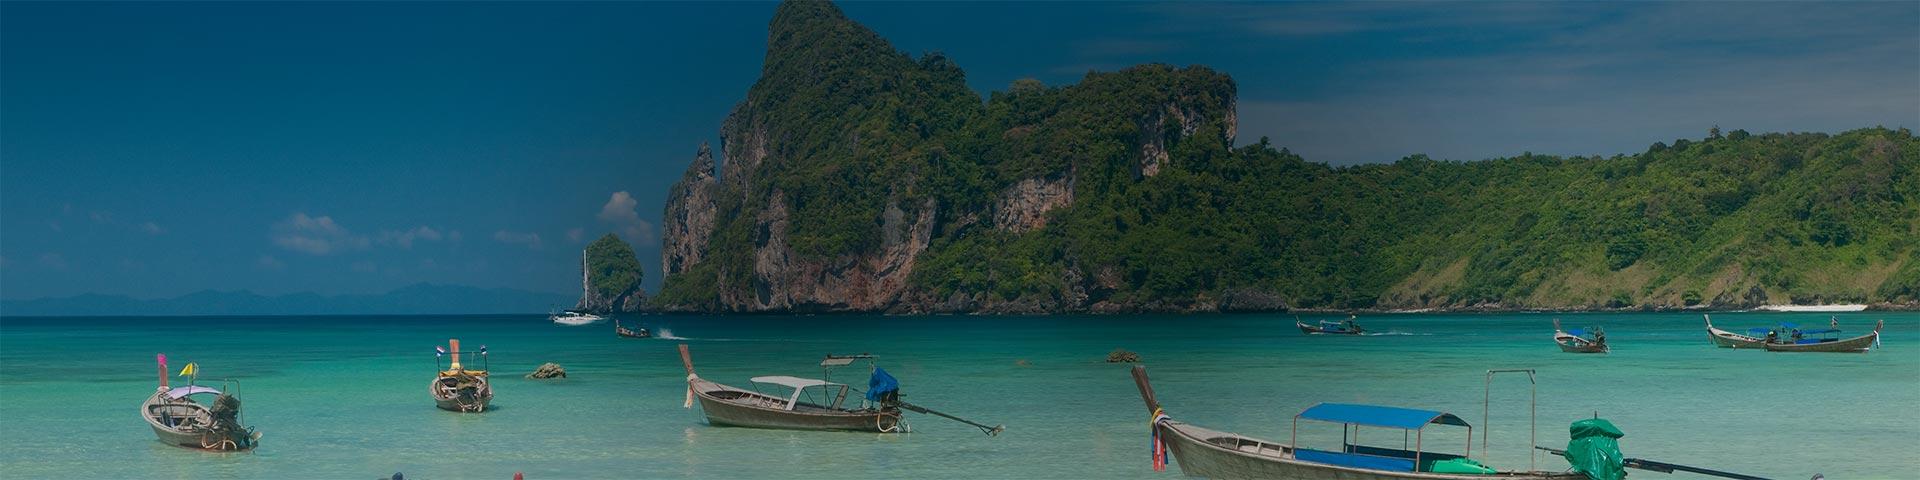 태국 | 캄보디아 | 미얀마 | 연계